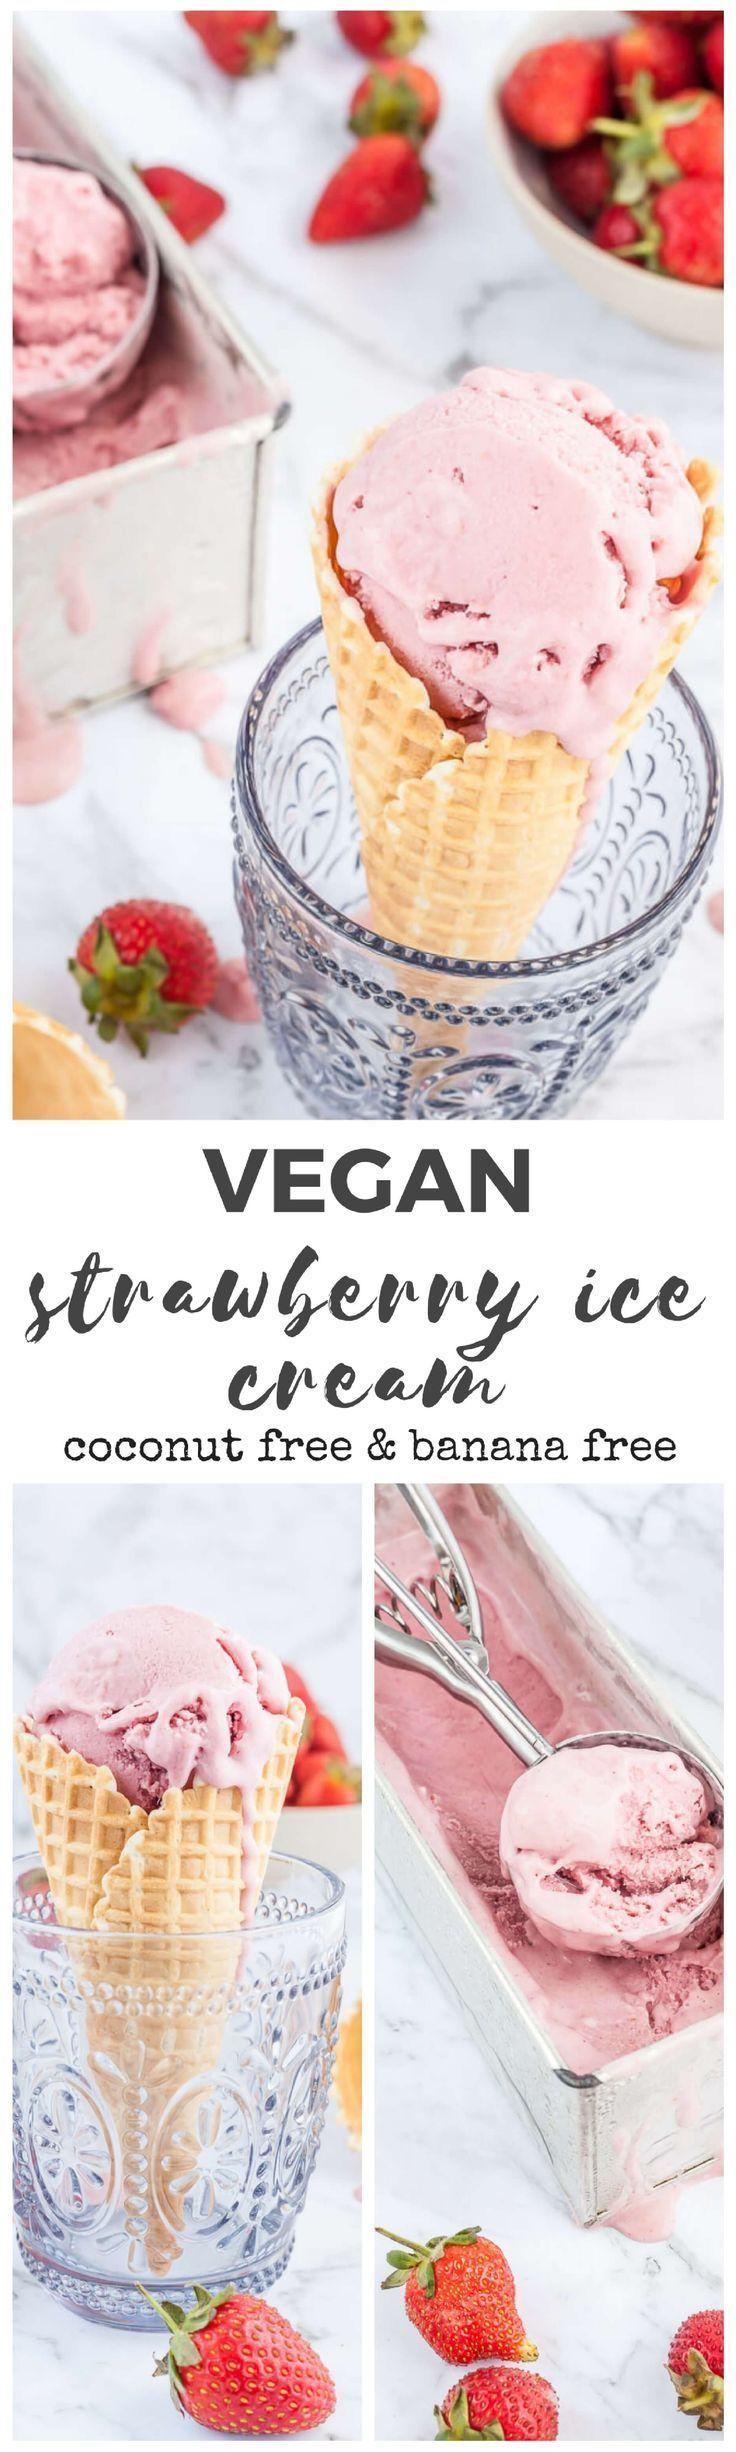 Vegan Strawberry Ice Cream Recipe No Bananas No Coconut And So Creamy And Delicious Yo Vegan Strawberry Ice Cream Vegan Ice Cream Recipe Vegan Sweets Treats